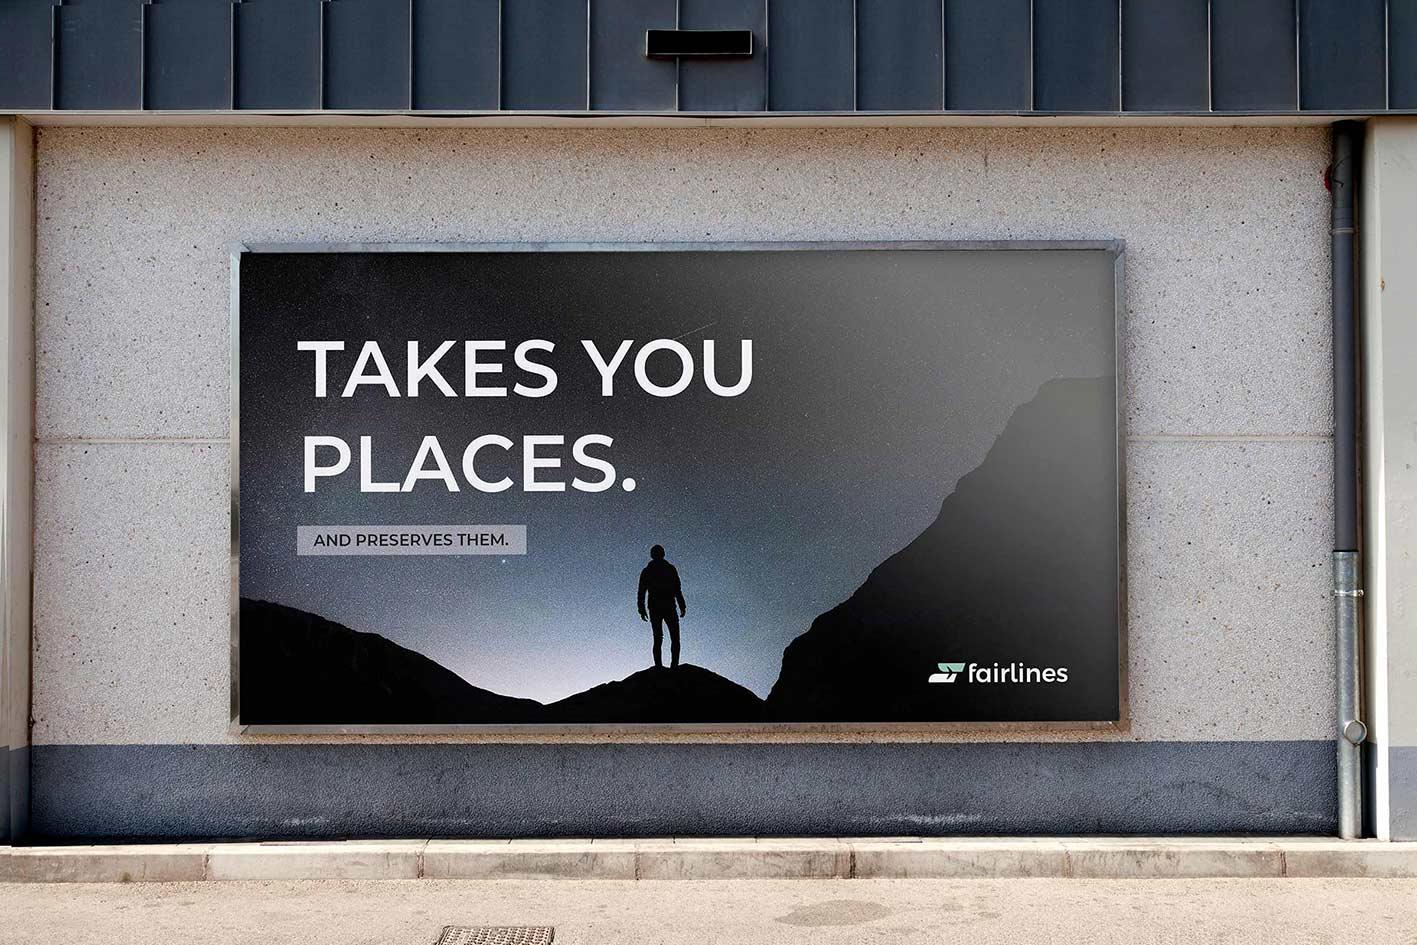 fairlines_billboard